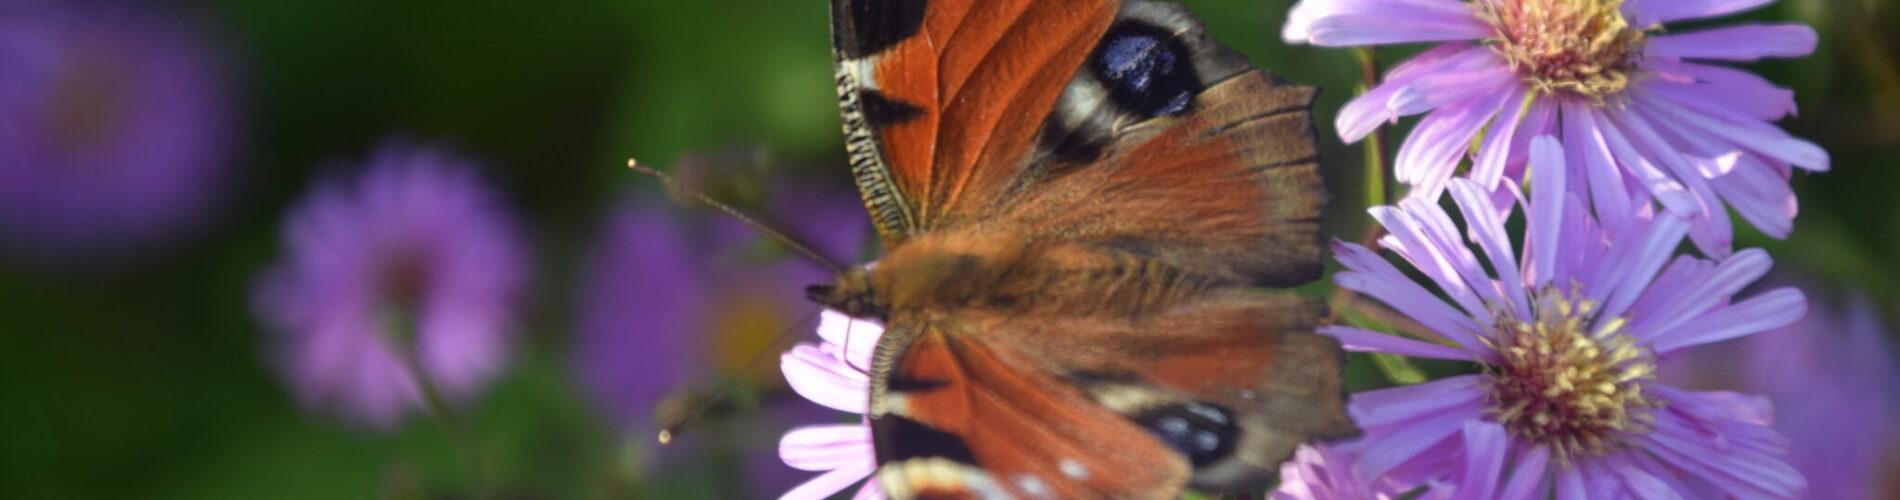 Dagpåfugleøje (Inachis io) på asters (astars sp.) en smuk sommerfugl, måske Danmarks smukkeste sommerfugl. Læs om hvordan du får denne sommerfugl til at flytte ind i din have her.